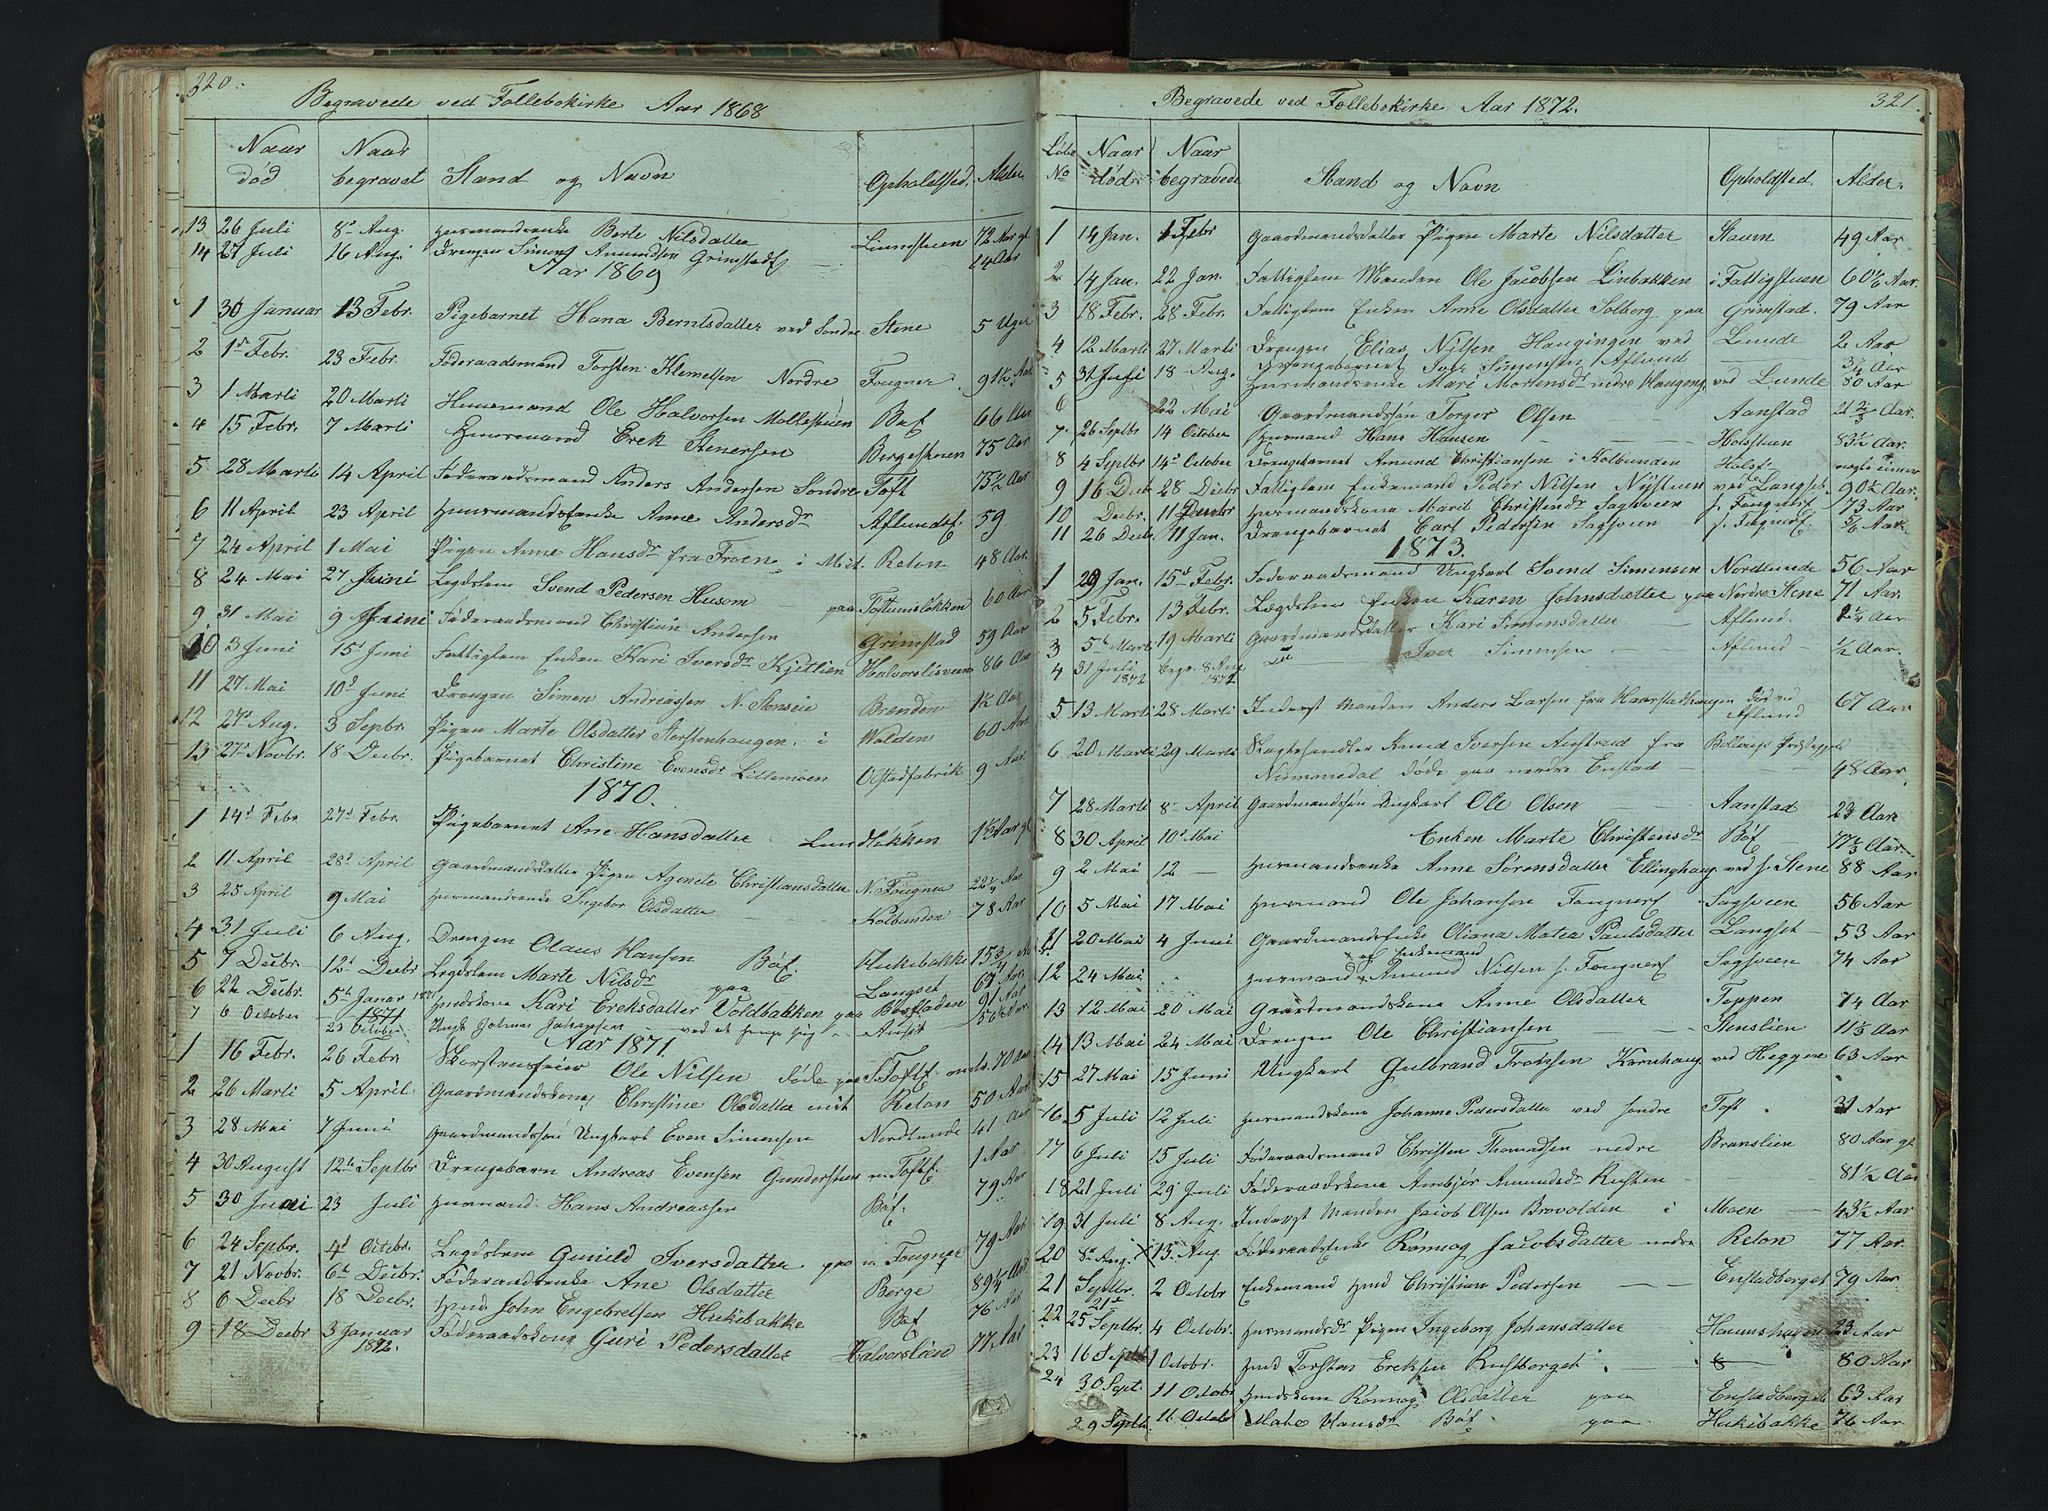 SAH, Gausdal prestekontor, Klokkerbok nr. 6, 1846-1893, s. 320-321